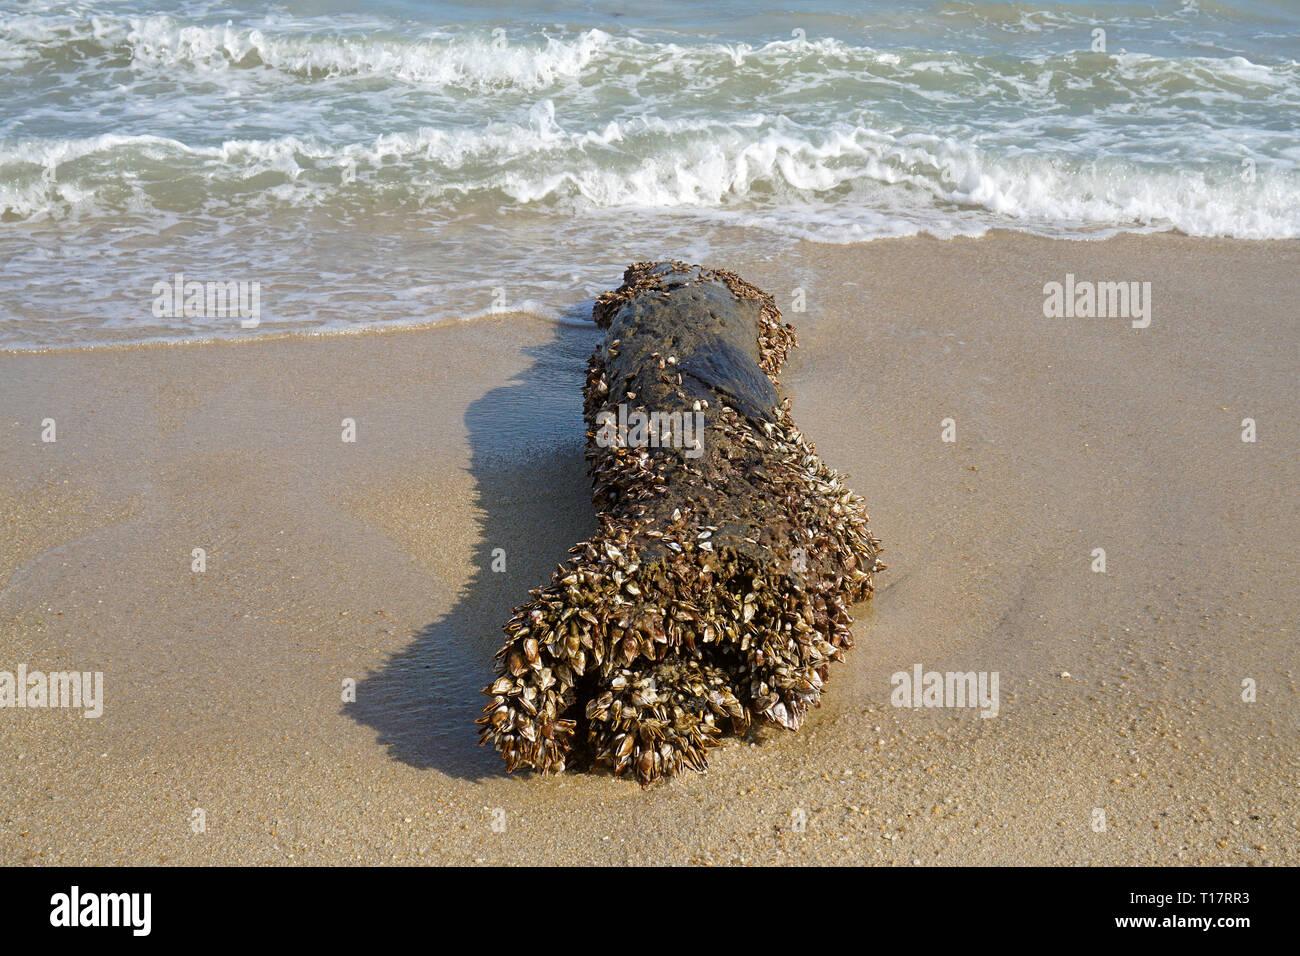 Percebes (Pedunculata) cubierto un arrastrados hasta el tronco, Lamai Beach, Koh Samui, en el Golfo de Tailandia, Tailandia Foto de stock